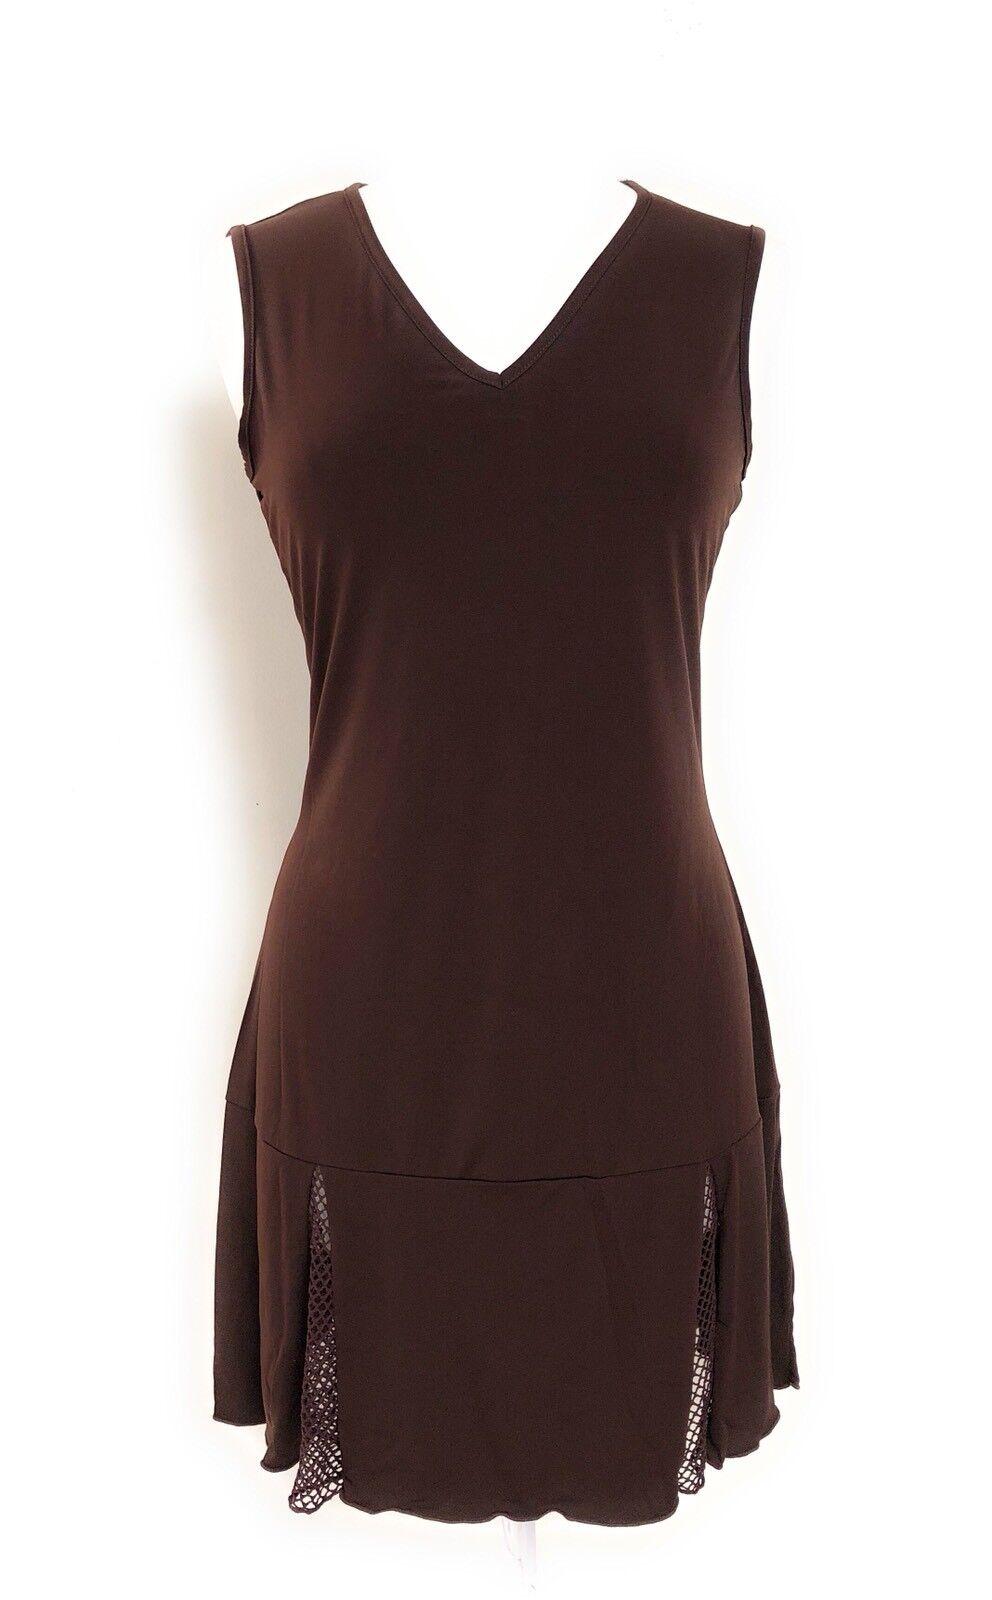 Jordan Taylor Damen Braune Netz Rand Strandbedeckung Bademode Tunika Kleid Nwt